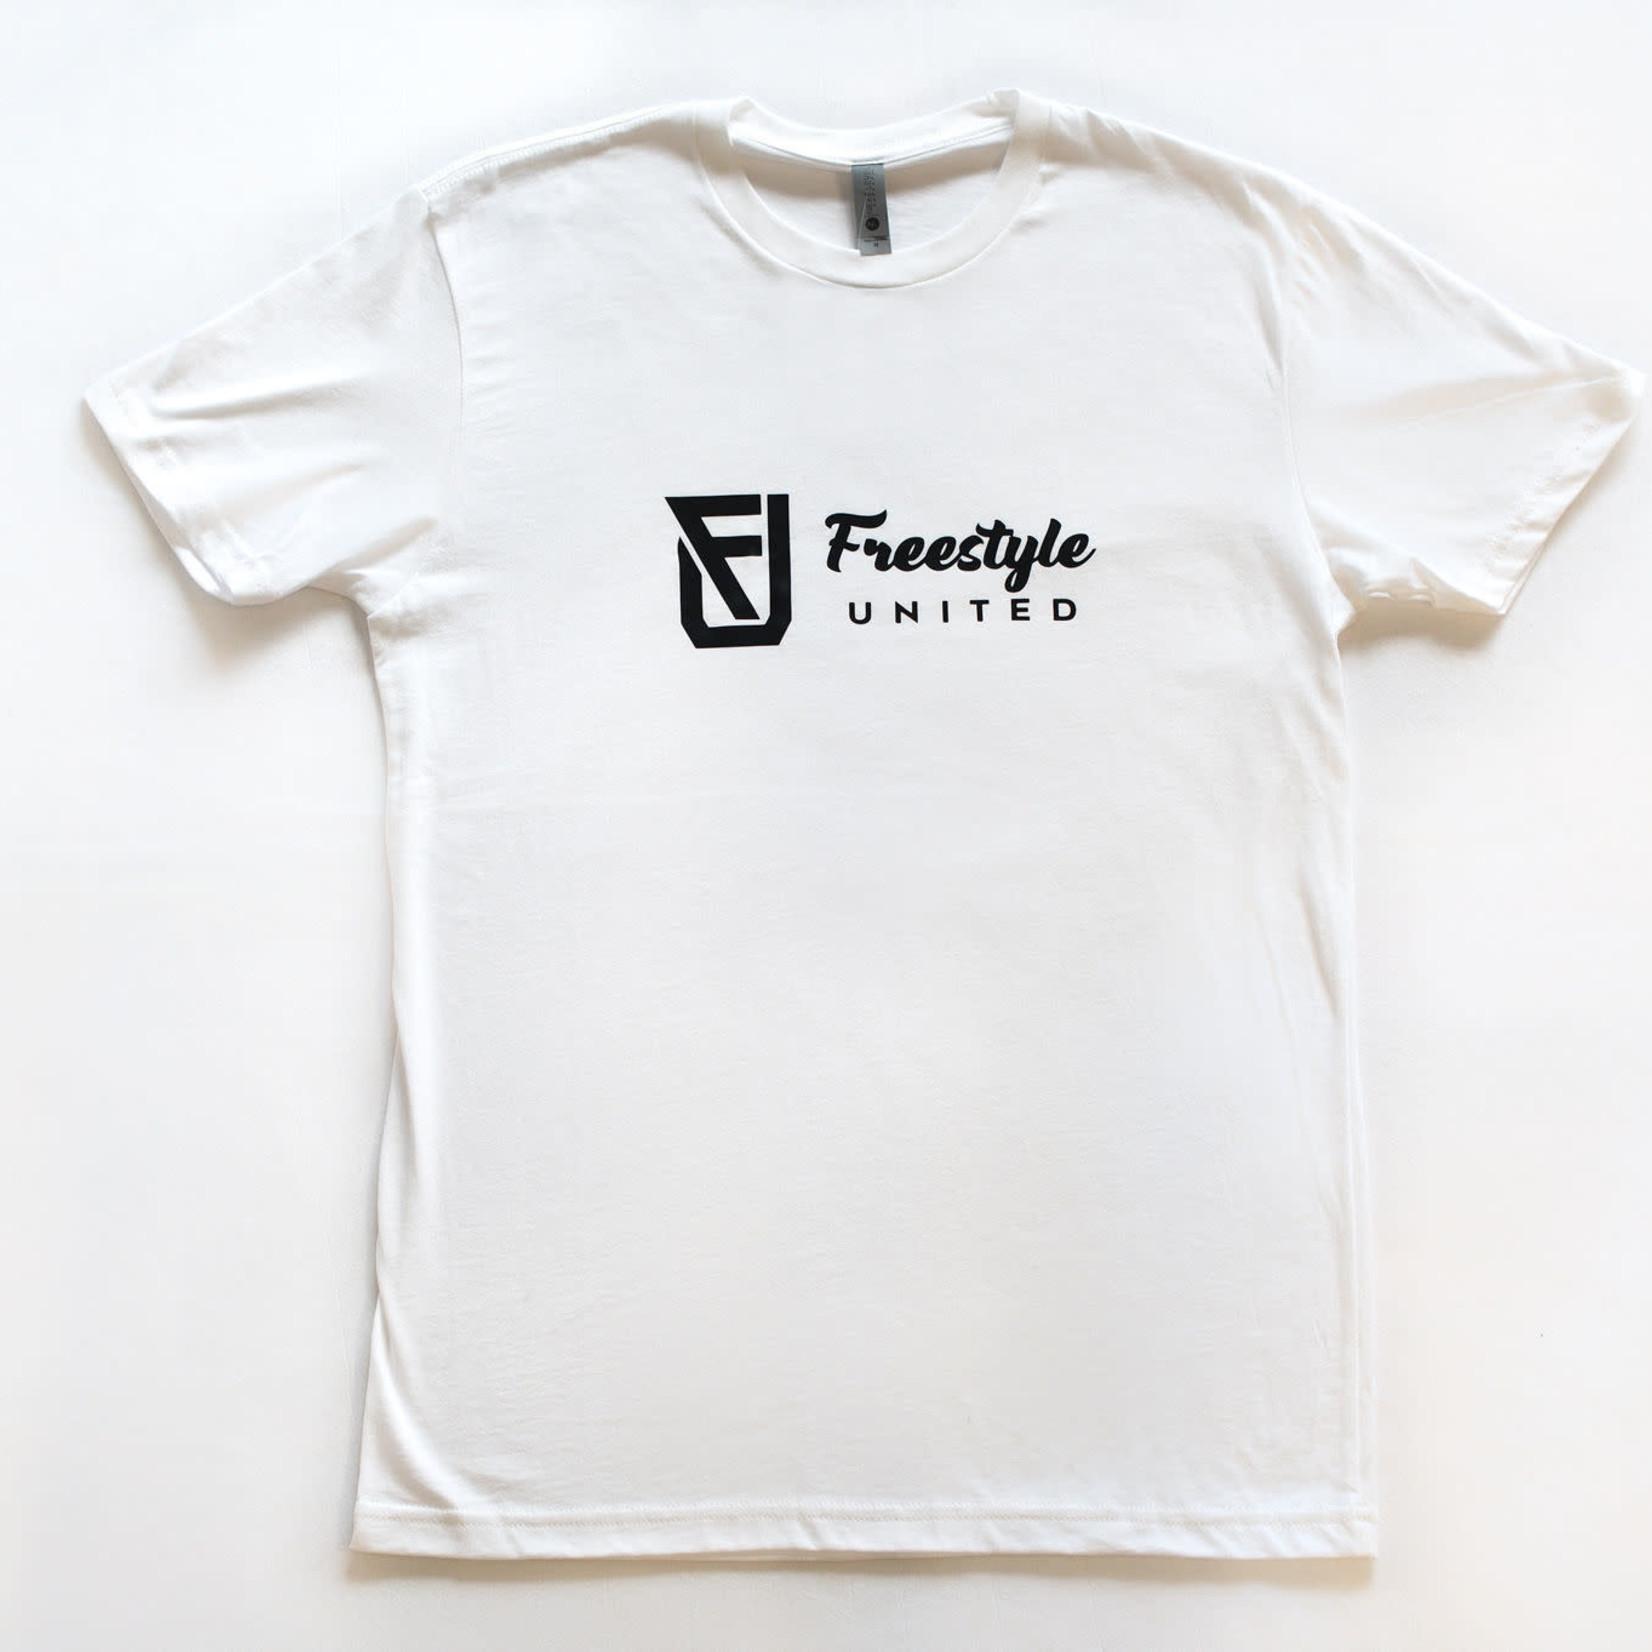 Freestyle United Freestyle United - Adult OG T-shirt - White